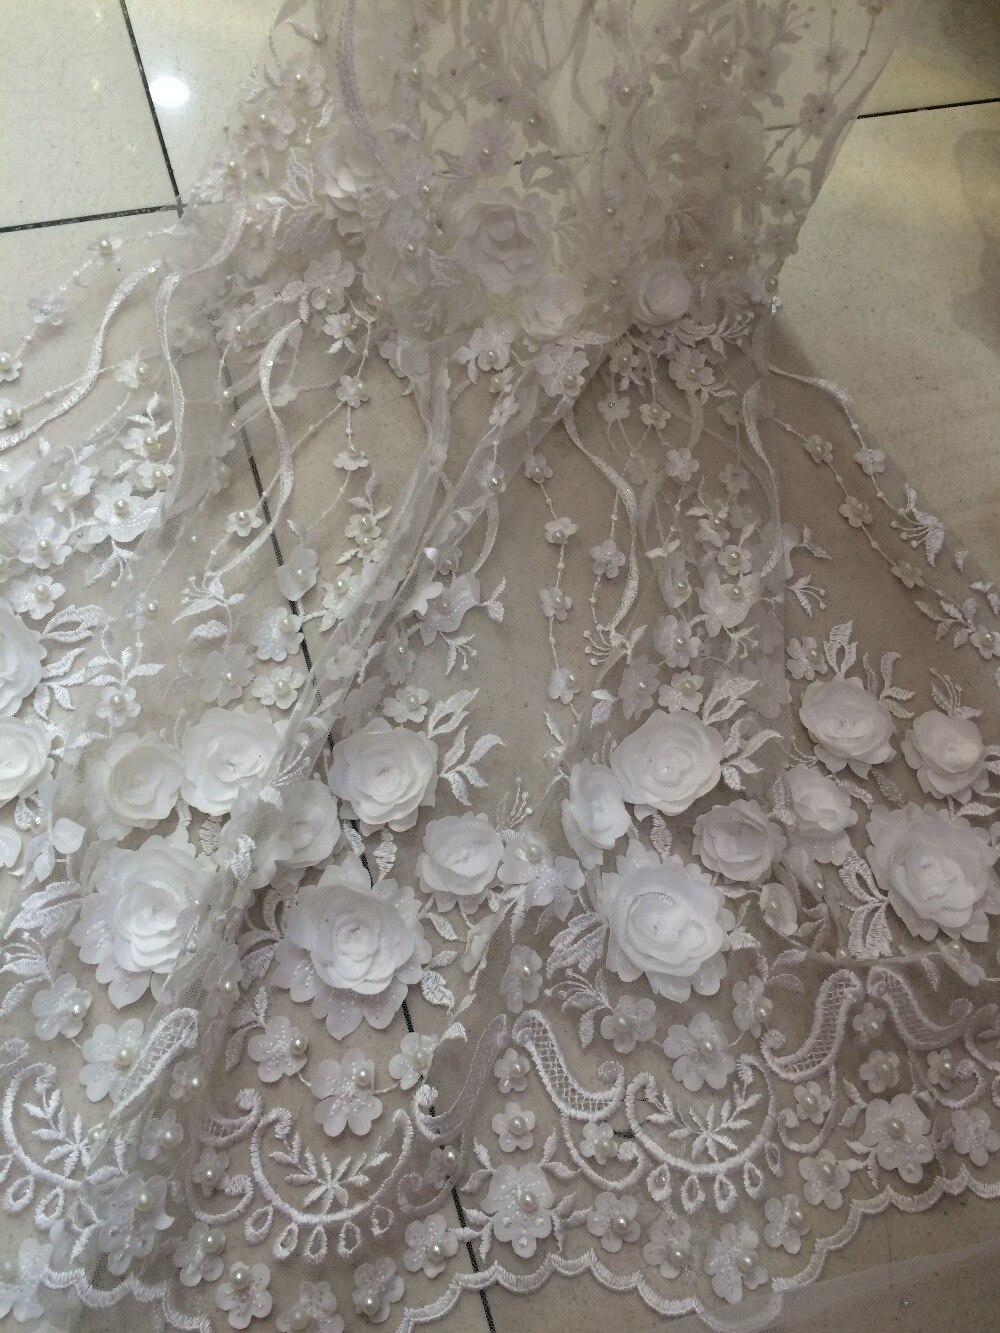 Schön Perlen Stoff Für Brautkleider Fotos - Brautkleider Ideen ...